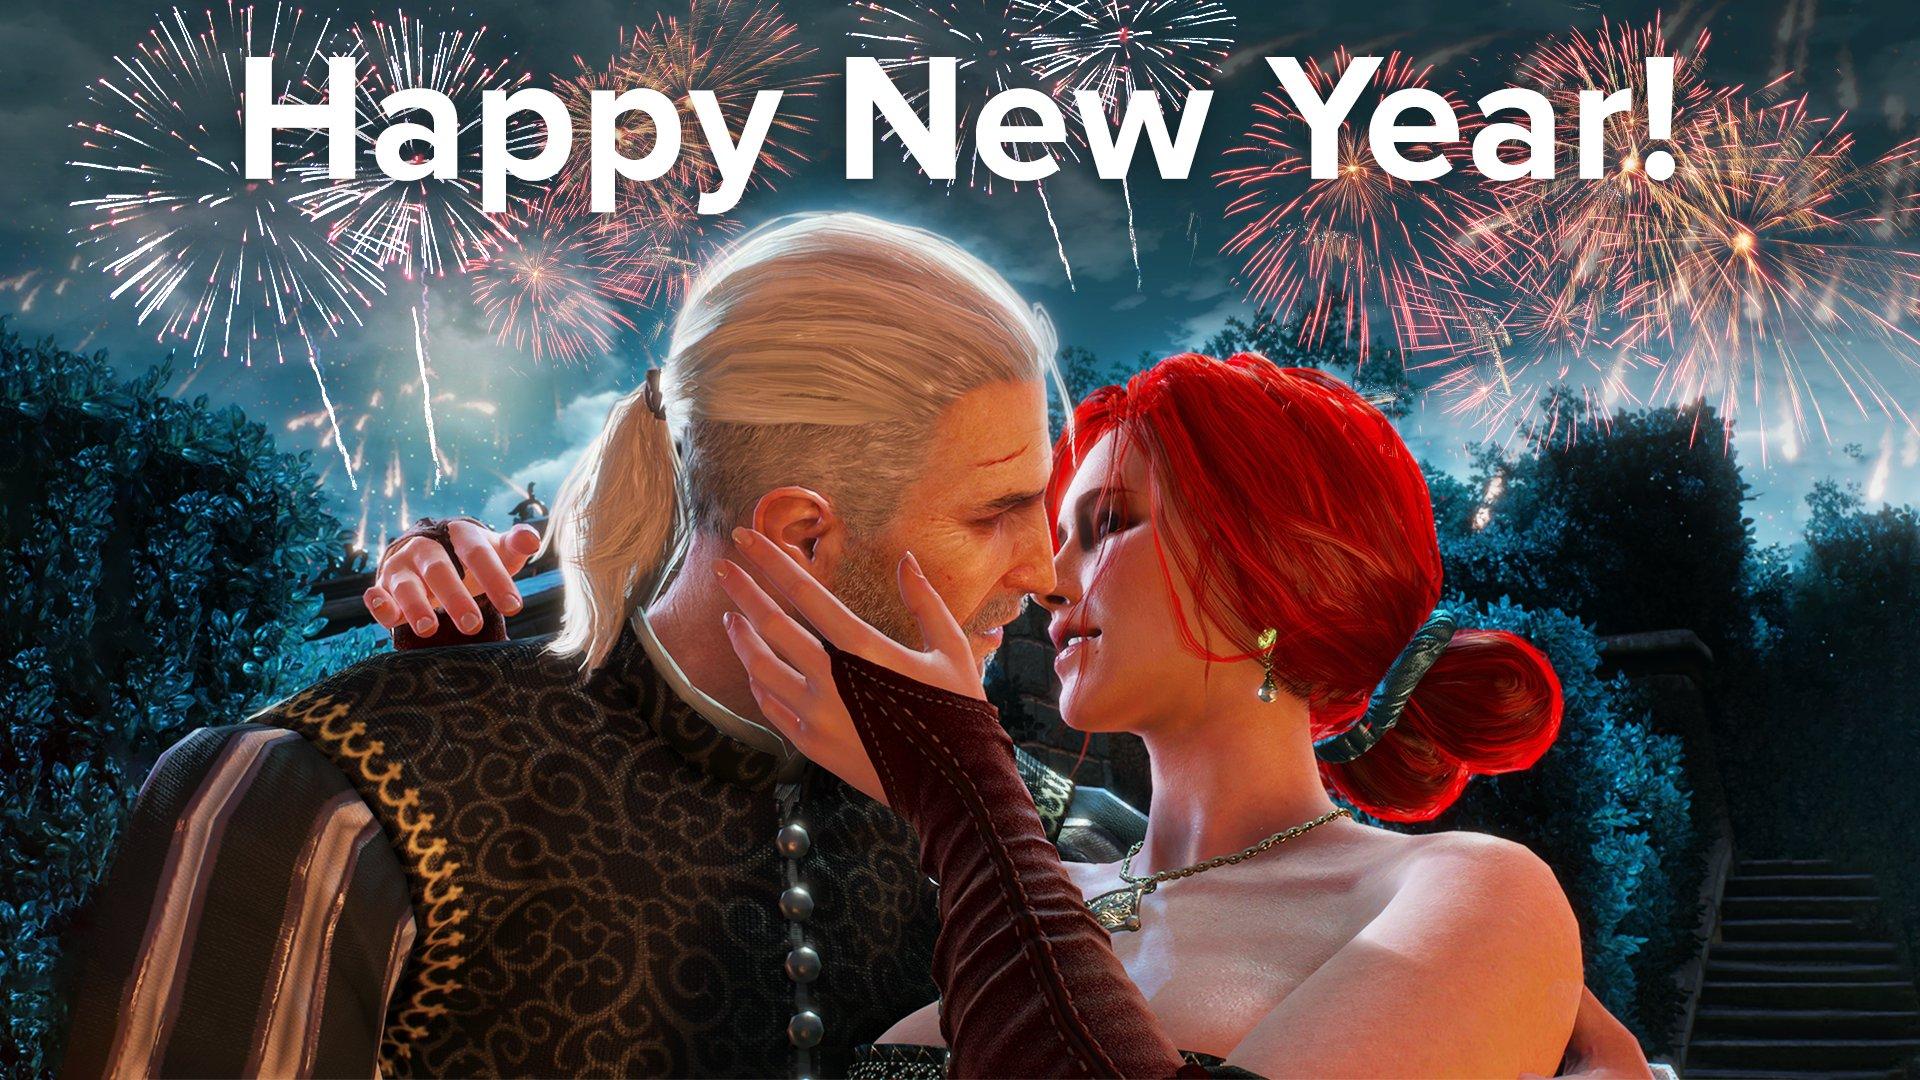 CD Projekt Red поздравили всех с Новым Годом, но разозлили фанатов Йеннифэр